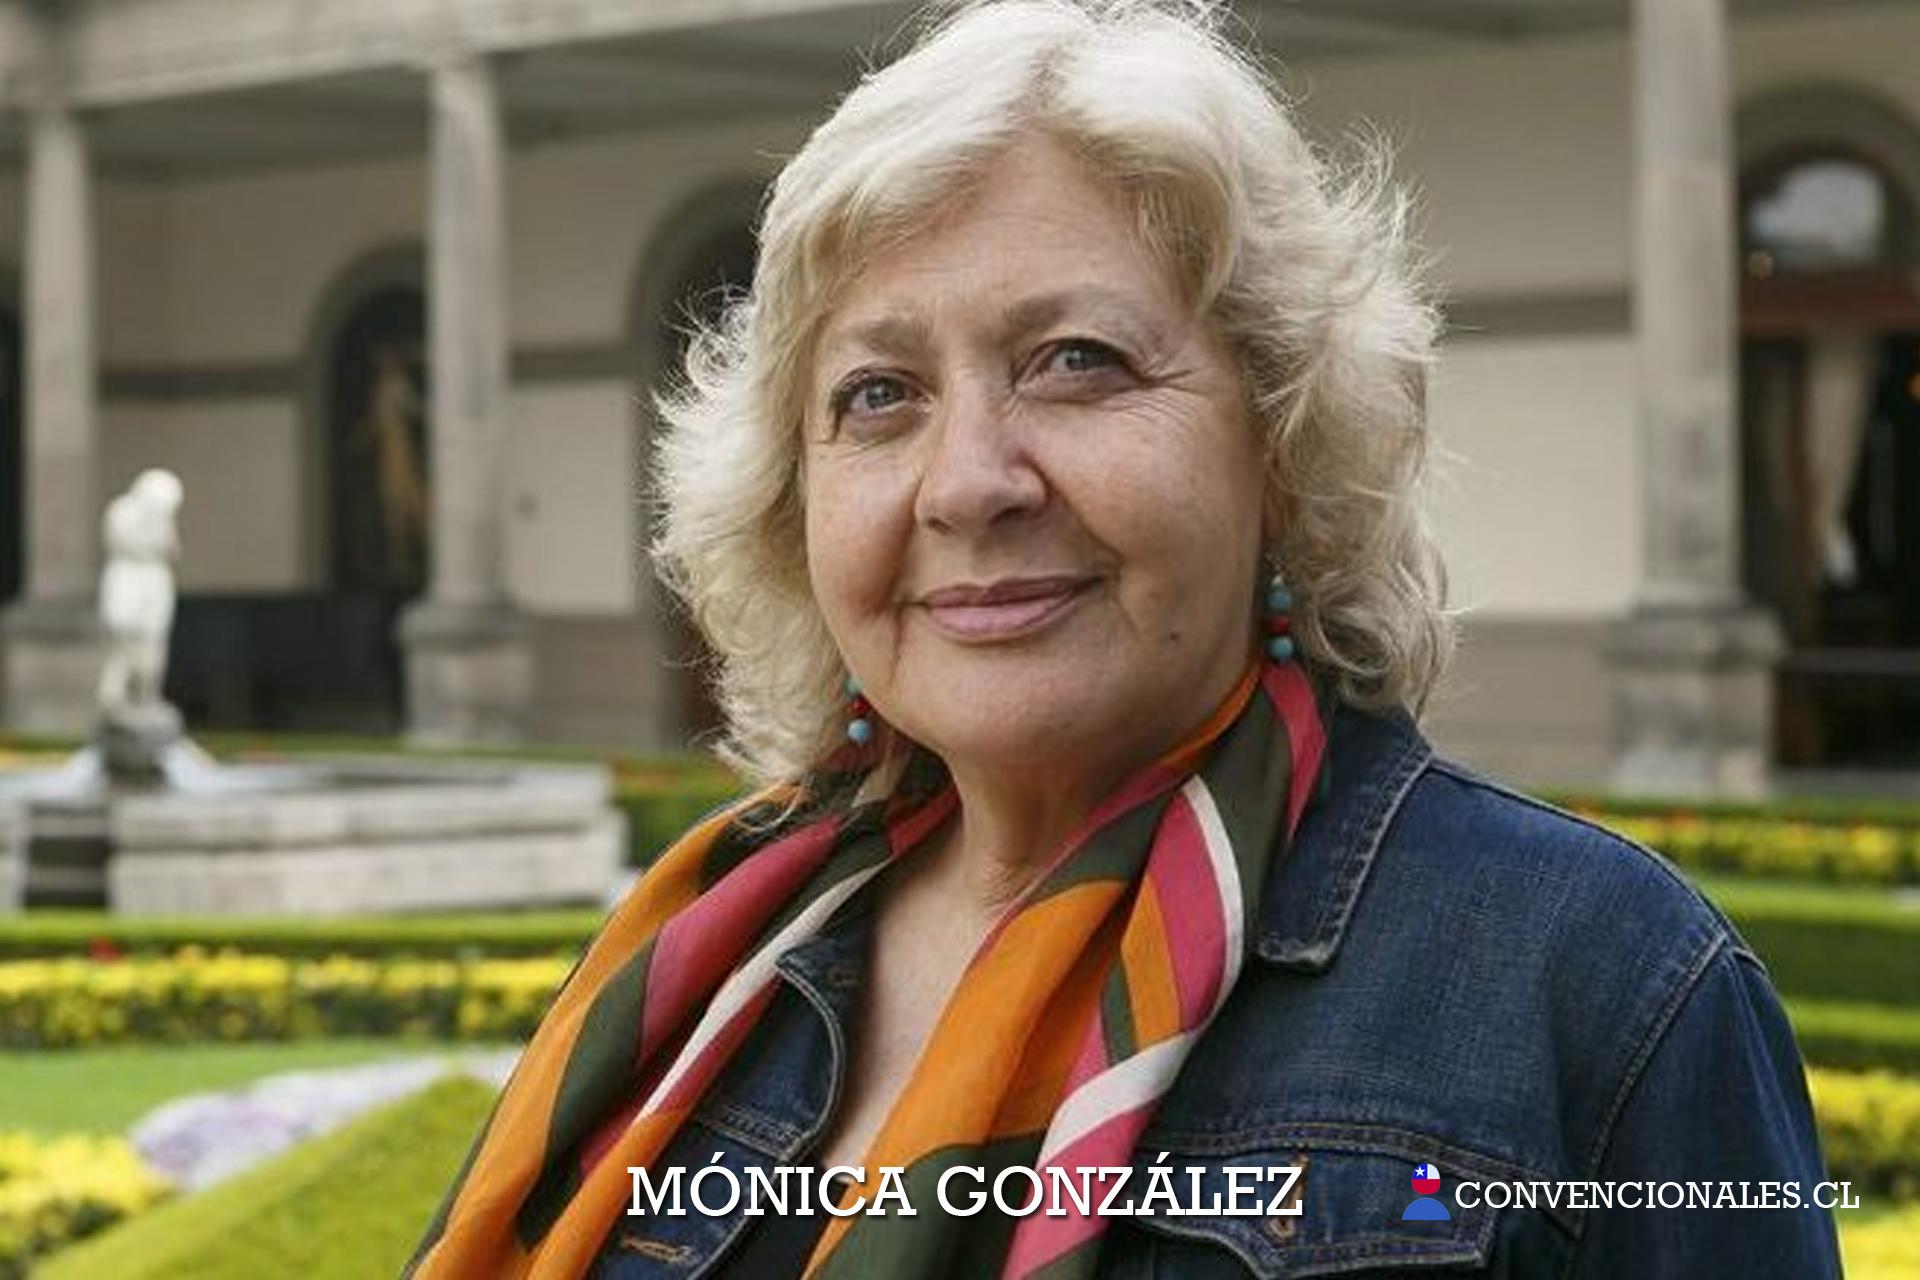 Mónica González